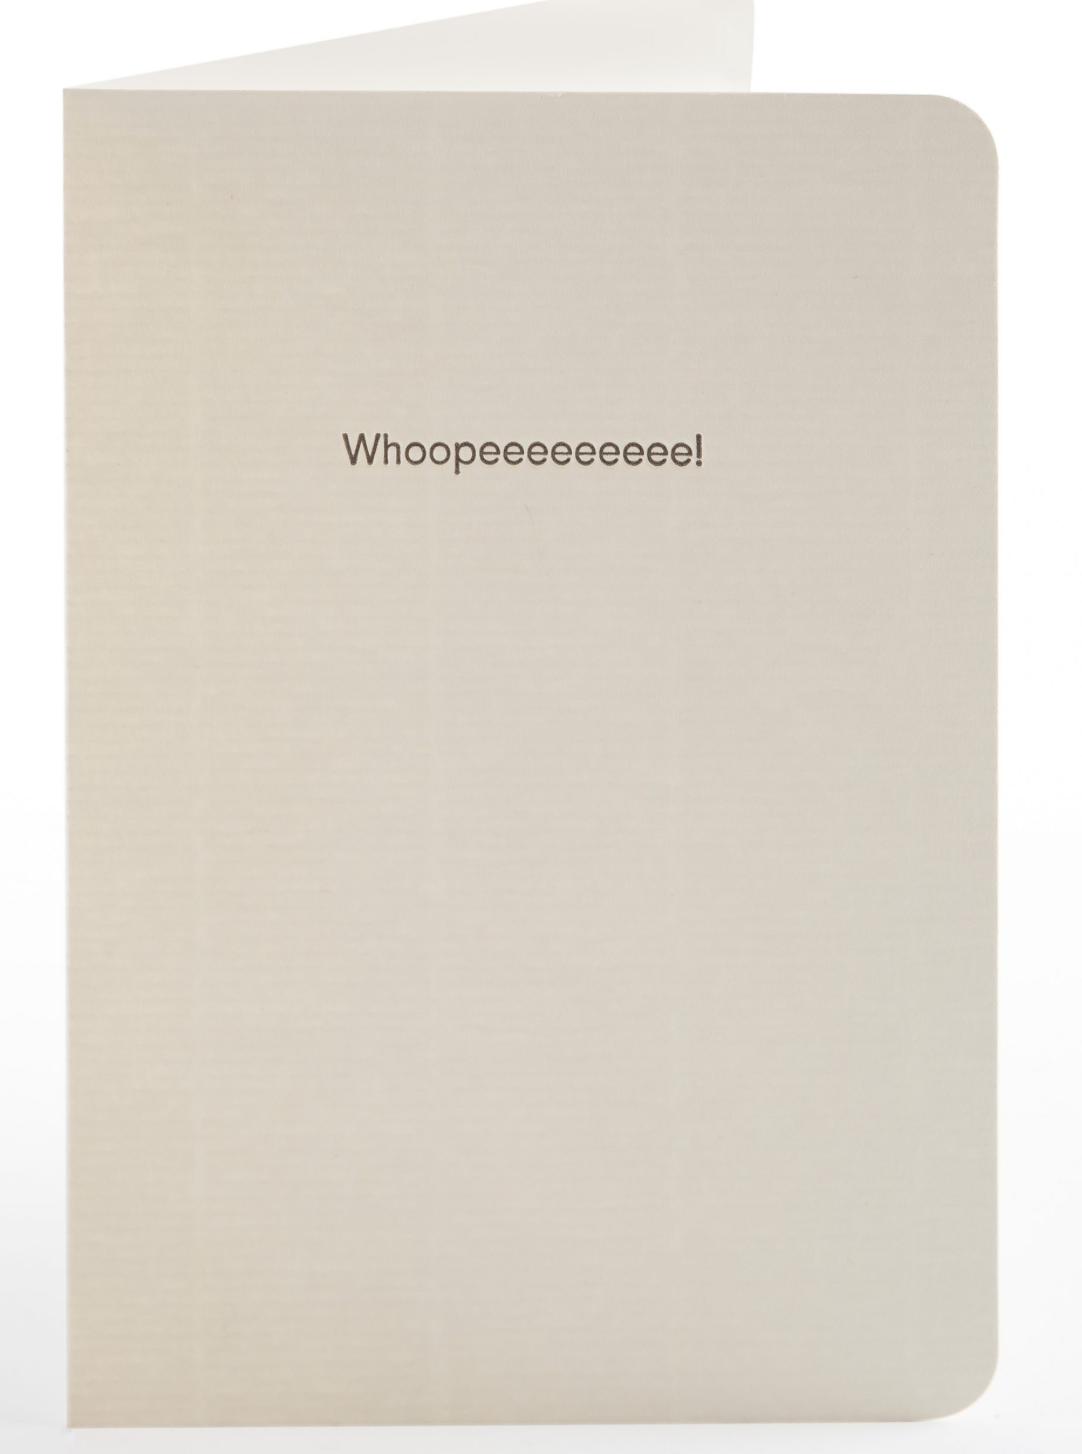 Whoopeeeee! - Letterpress Greetings Card